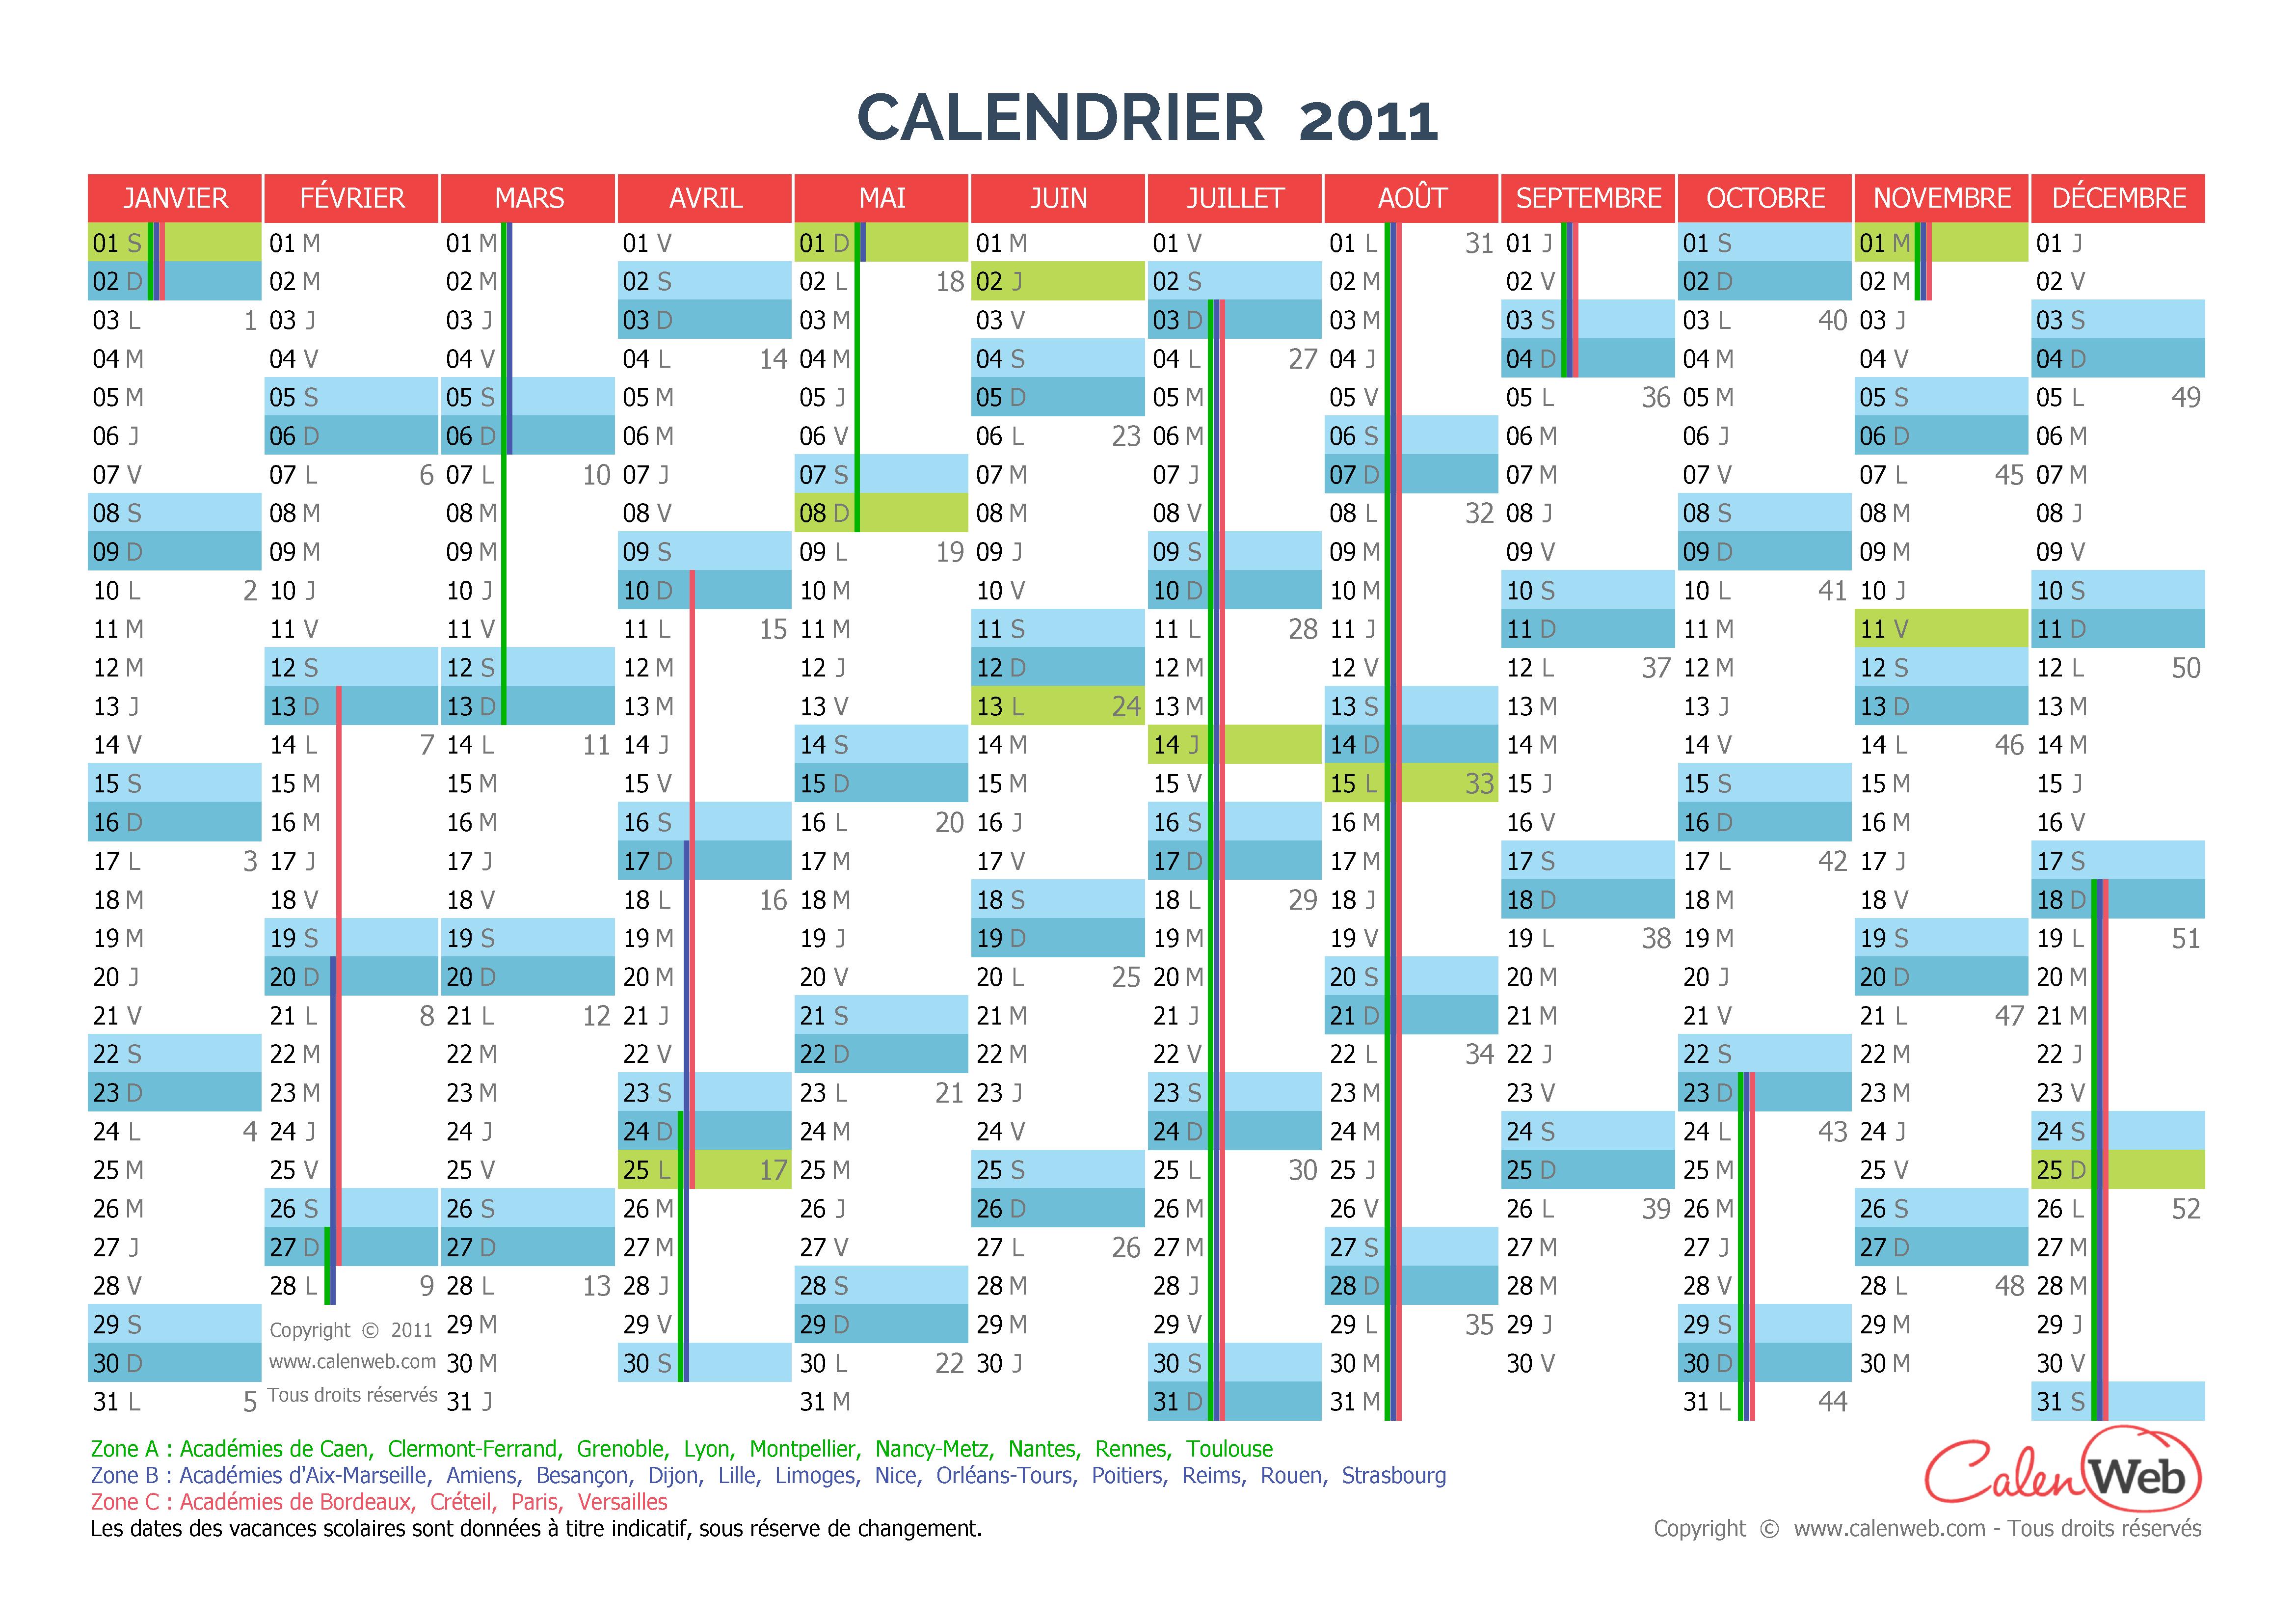 calendrier annuel ann e 2011 avec jours f ri s et vacances scolaires. Black Bedroom Furniture Sets. Home Design Ideas